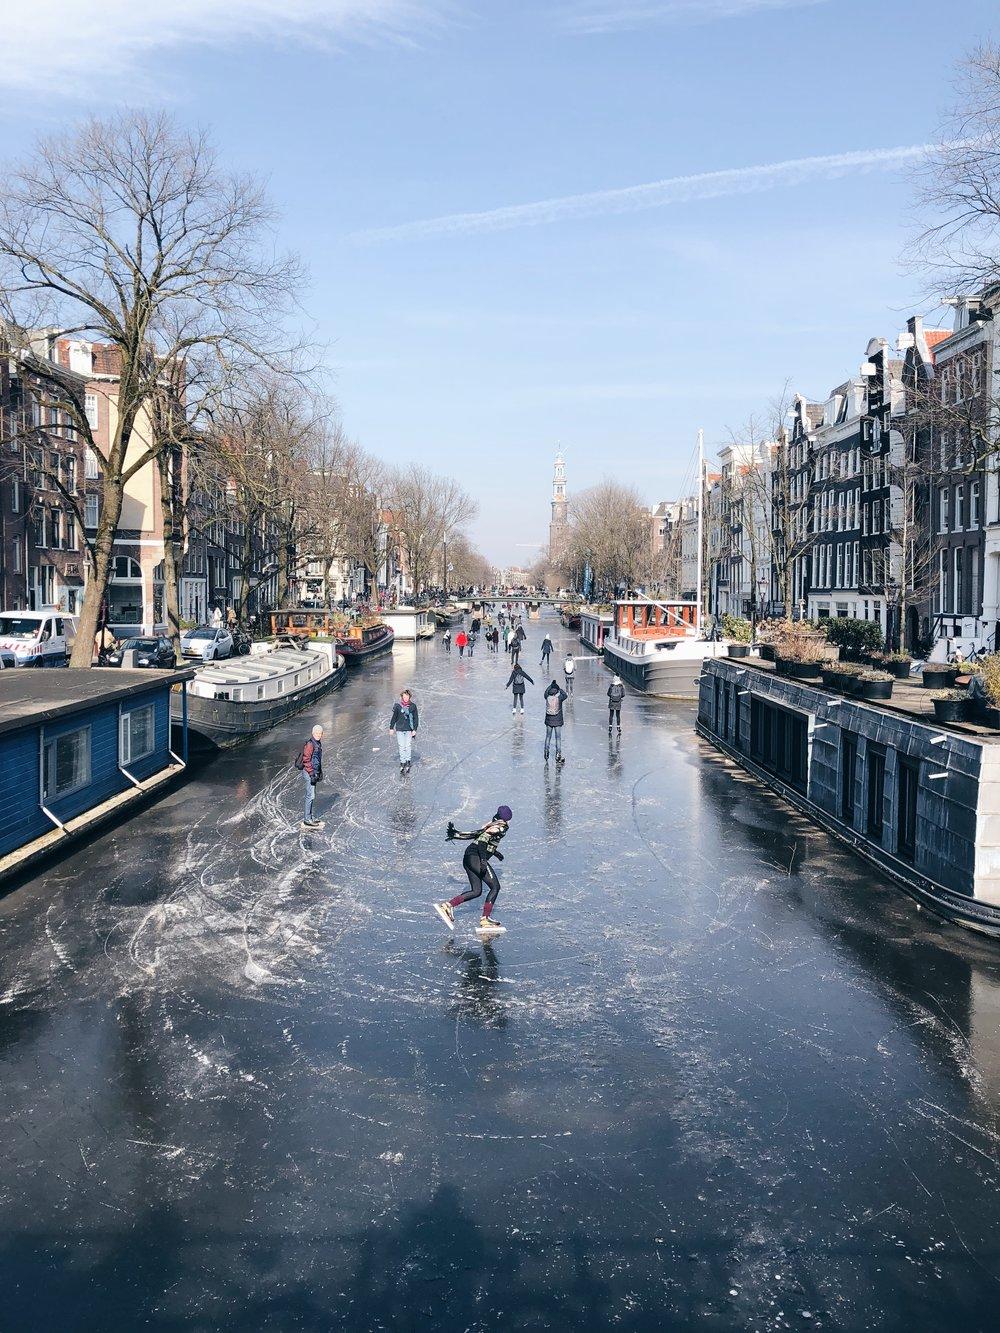 Amsterdam - Otra ciudad con muchas opciones es Ámsterdam. Aquí podrás ir a correr bicicleta con tus niños, llevarlos a los molinos y campos de tulipanes, enseñarlos a hacer quesos y visitar el Science Center NEMO, el mayor museo holandés para niños de entre 6-16 años. La diversión aquí no tendrá fin.